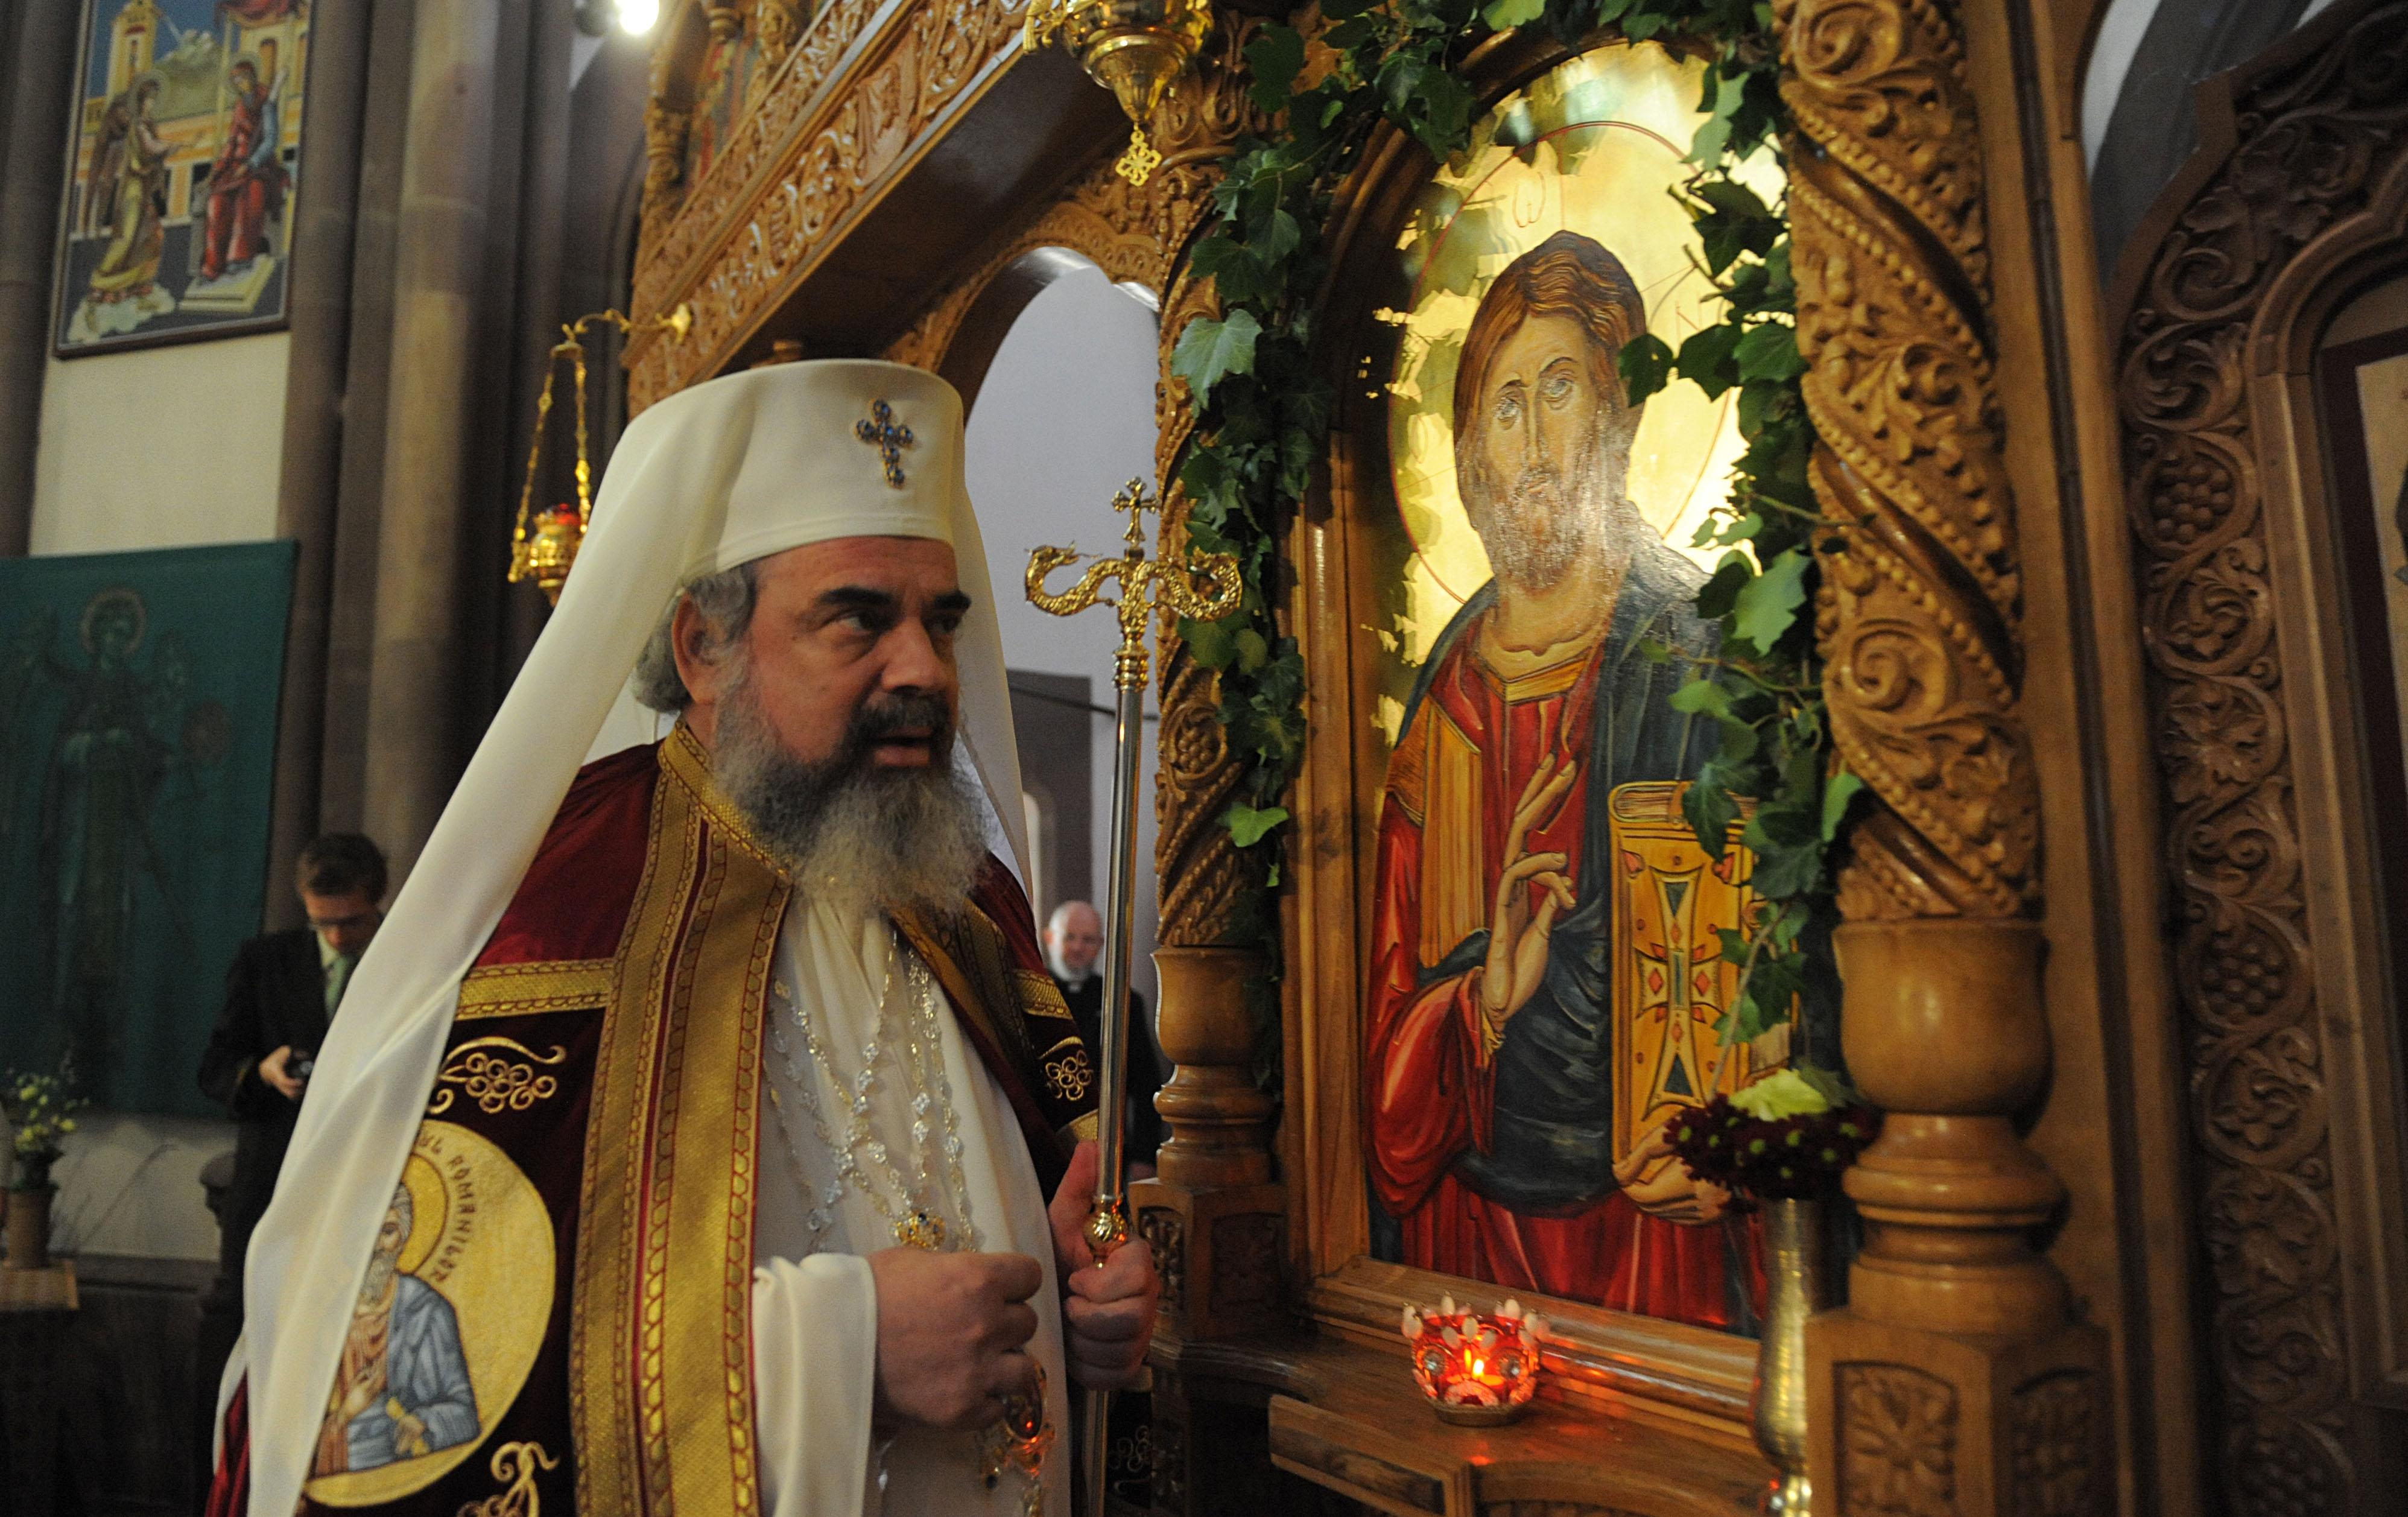 Sfintirea catapetesmei de PF Patriarh Daniel, însotit de un sobor de ierarhi, preoti si diaconi, pe data de 11 aprilie 2011